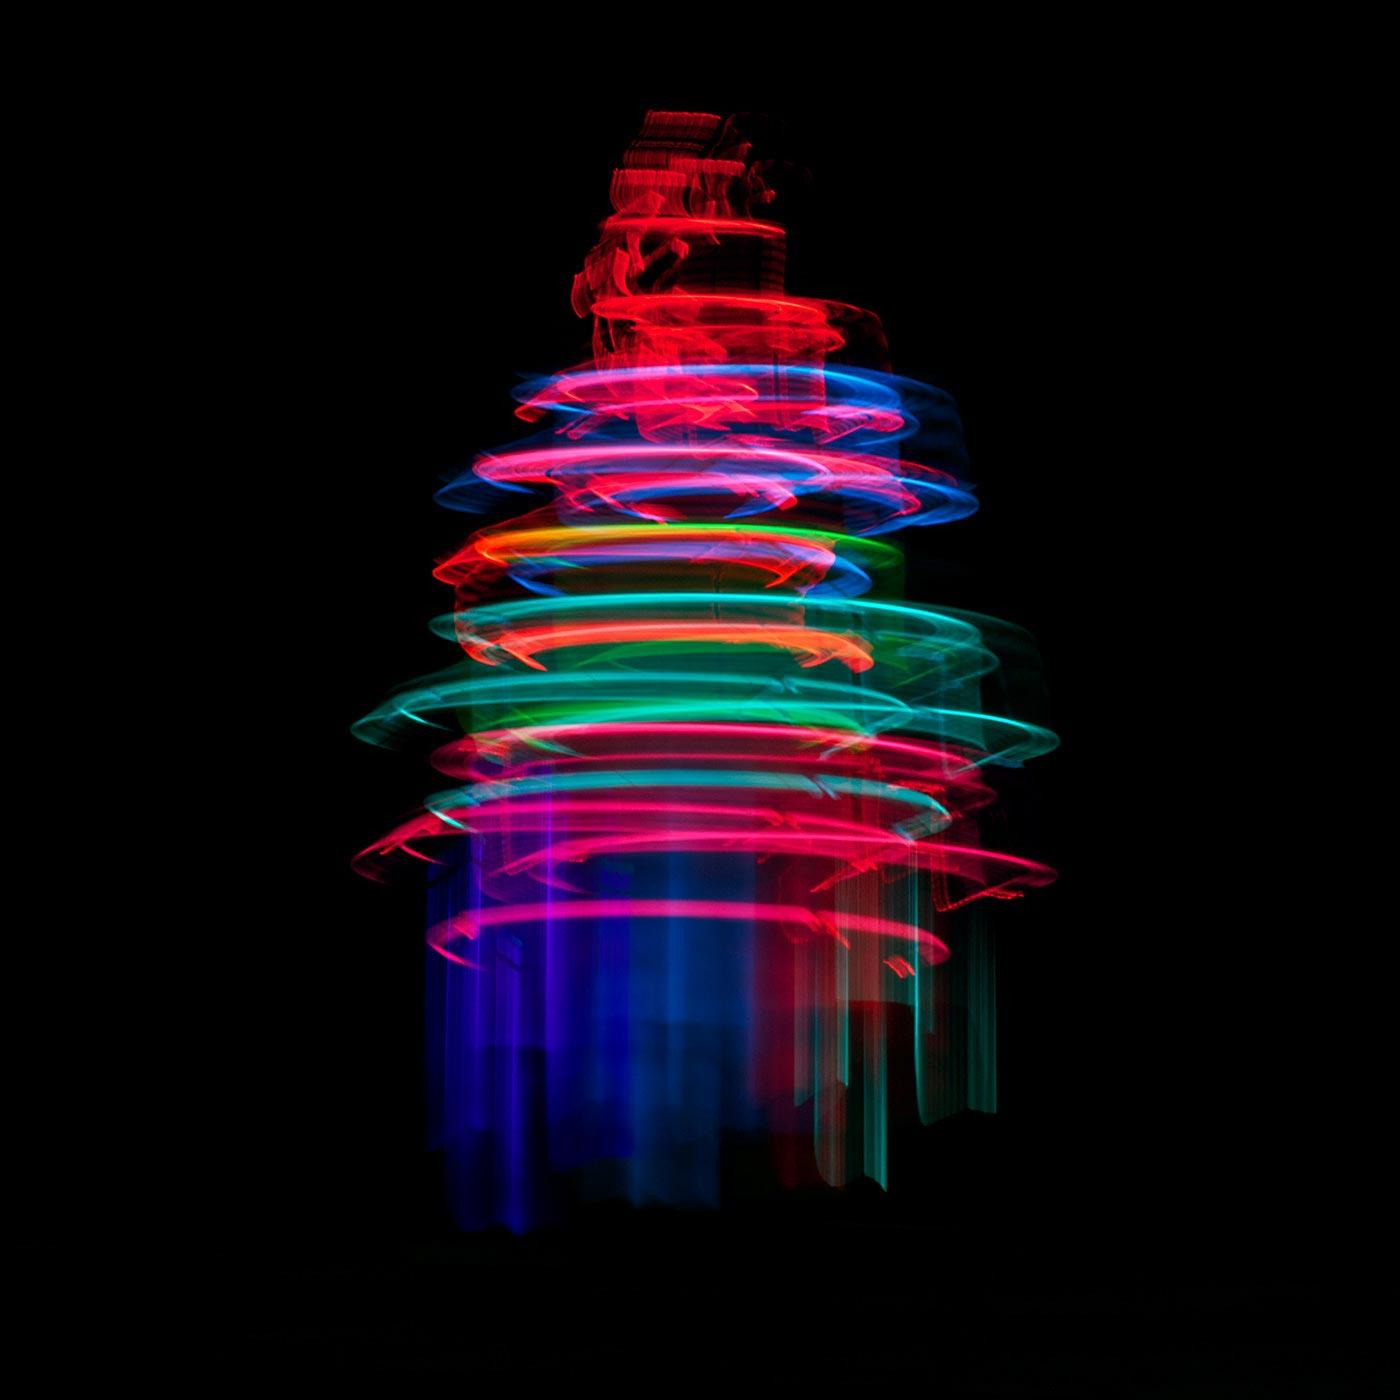 Sarah Morris - Neon Lights